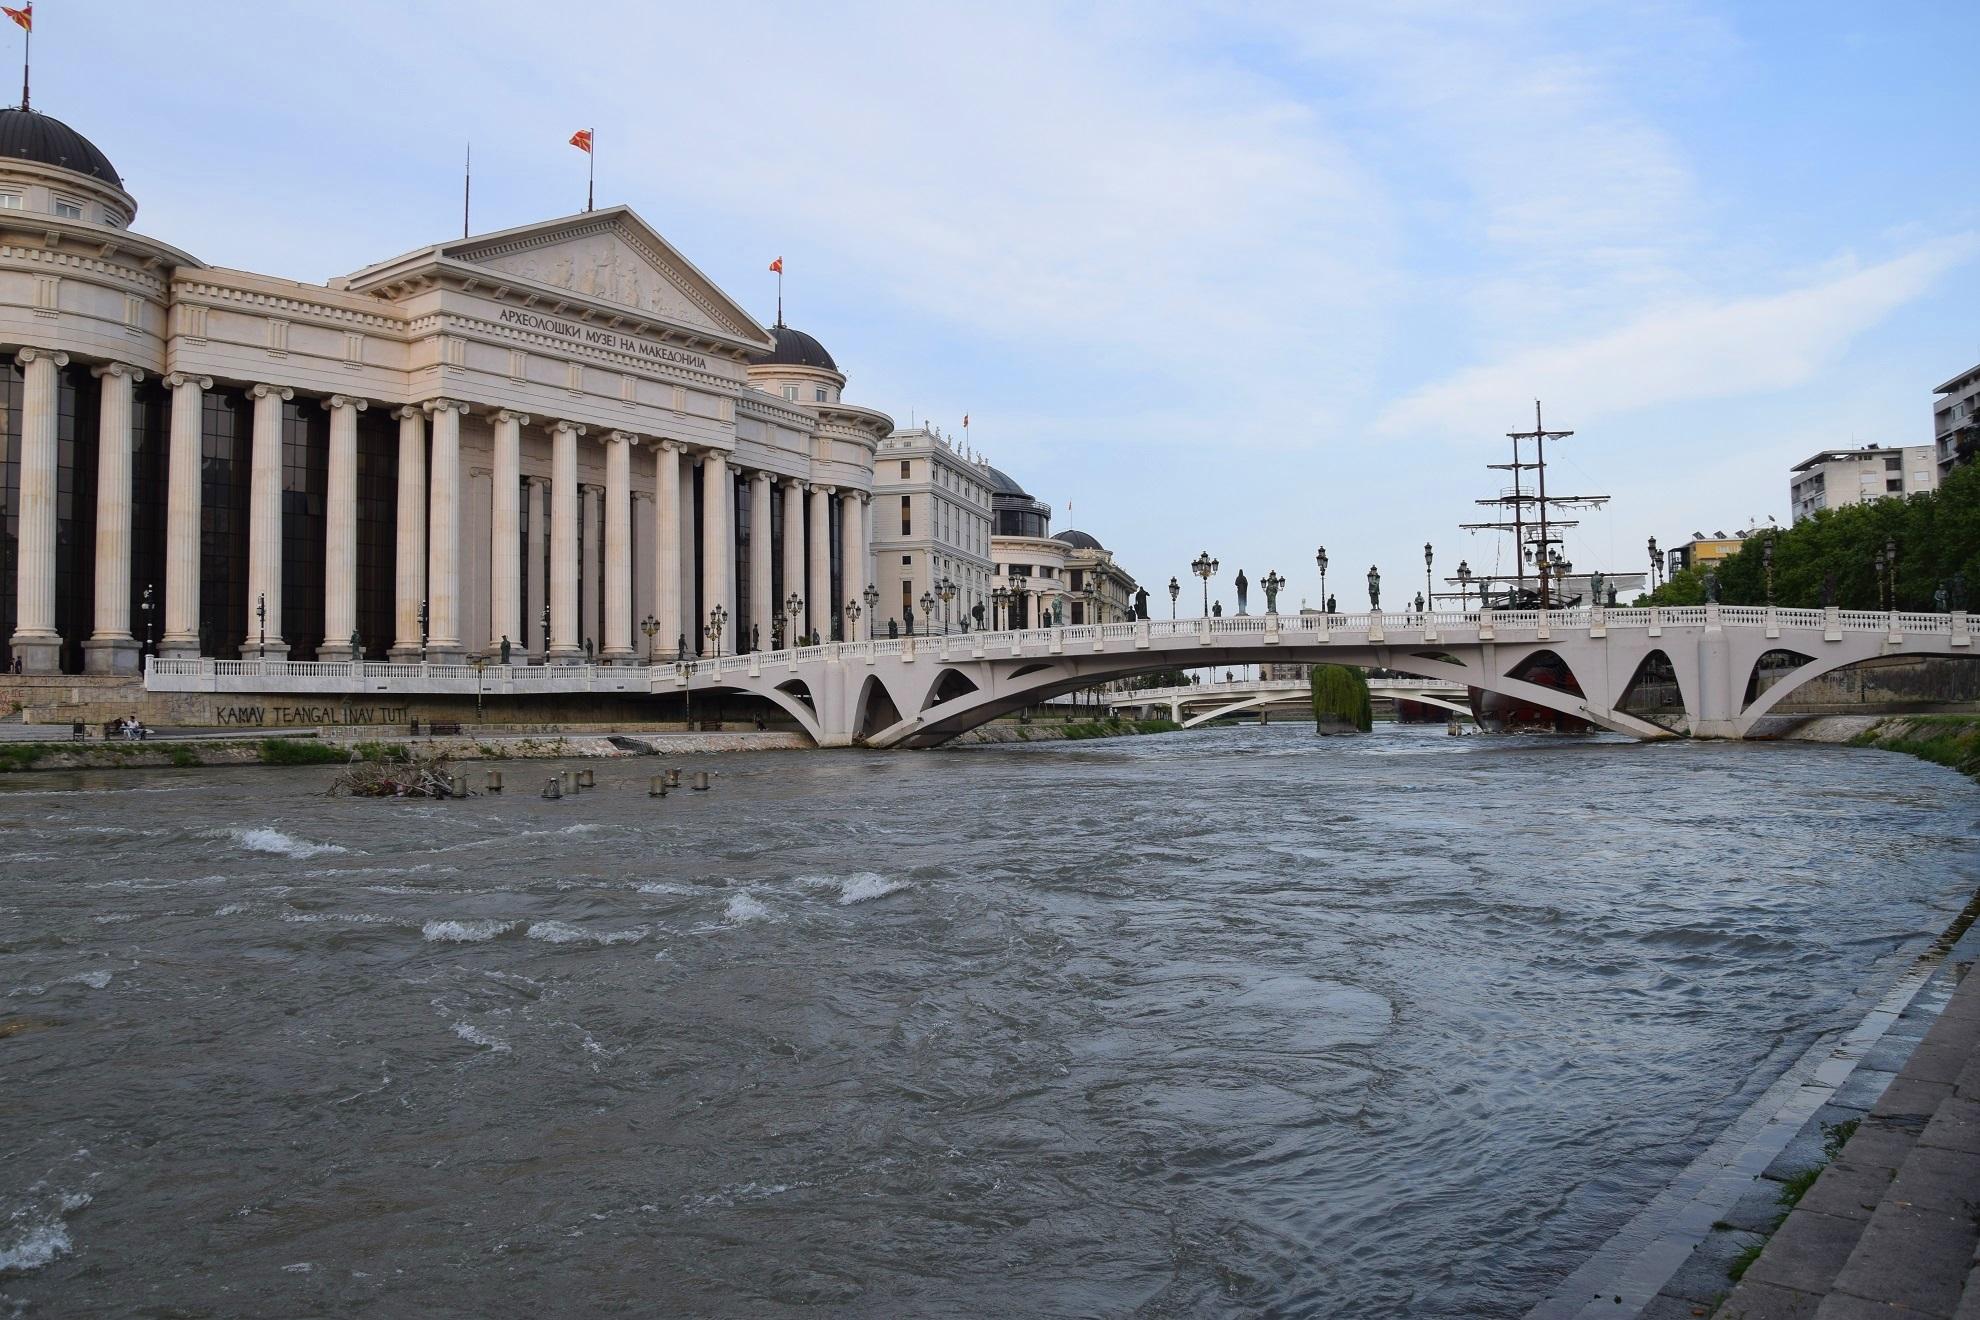 Holiday Inn Skopje Restaurant Boat River Bridge